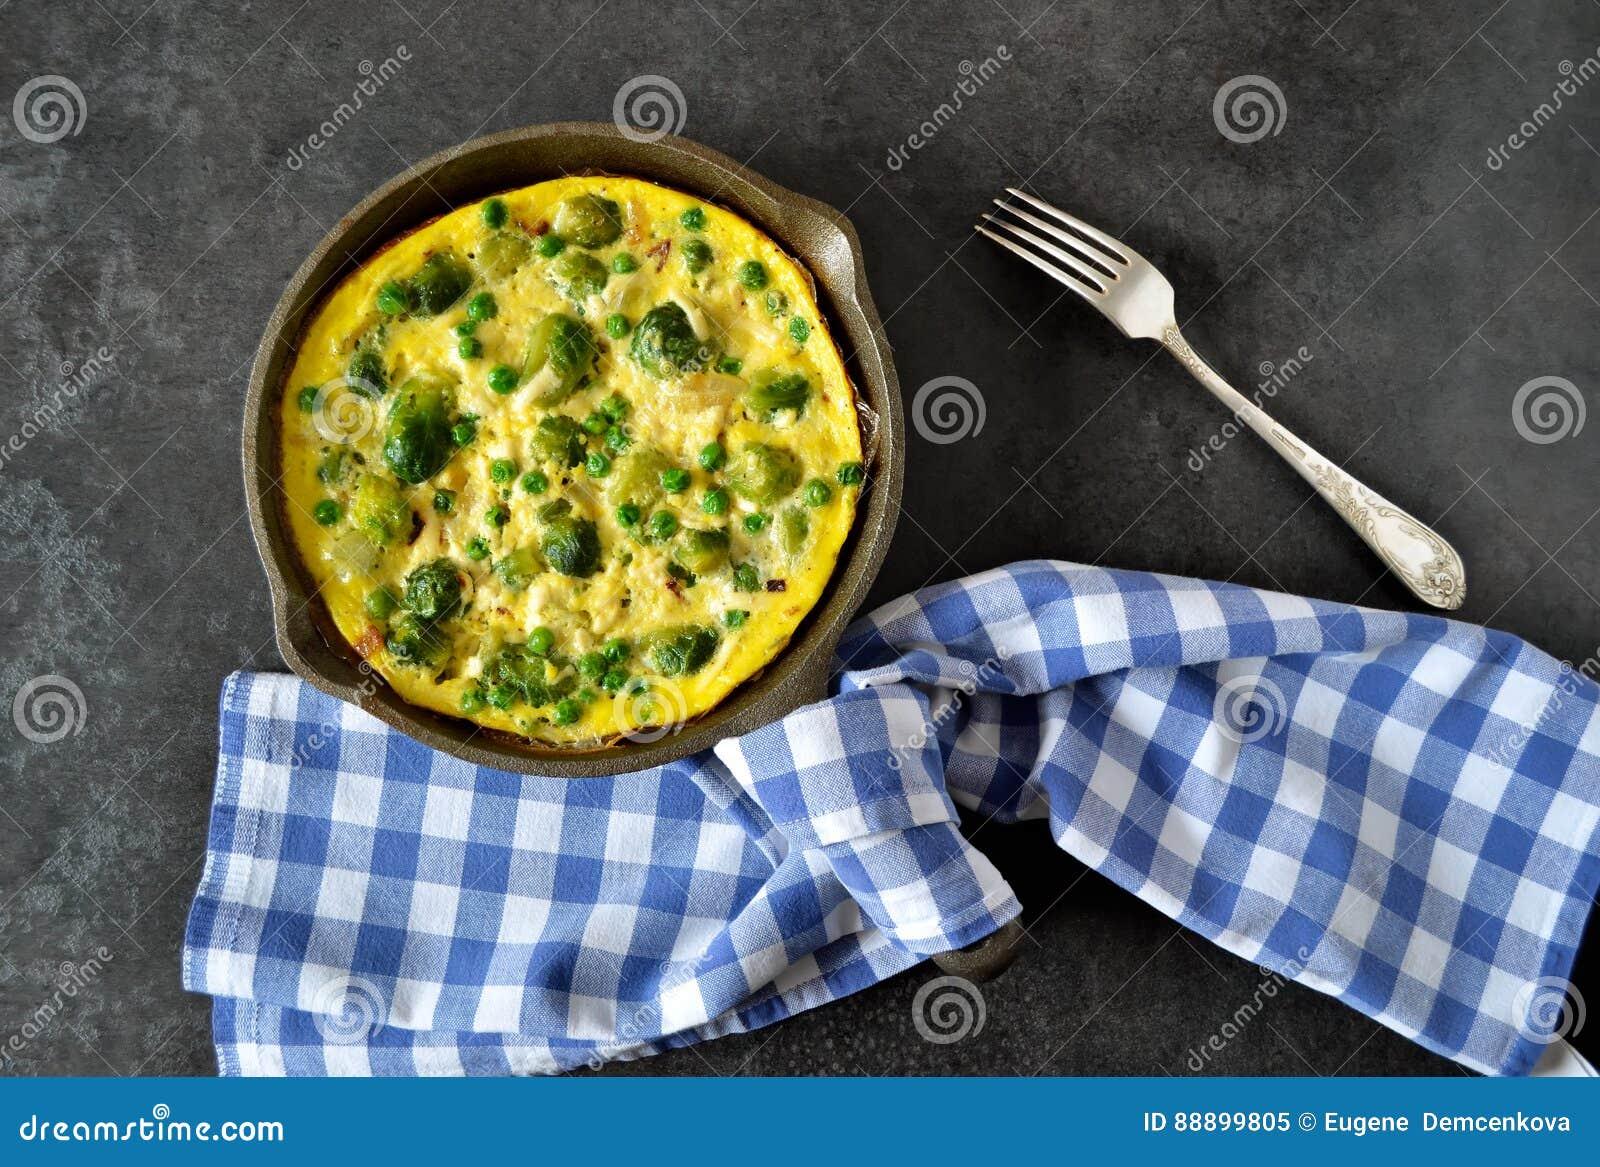 菜肉馅煎蛋饼用乳酪,绿豆